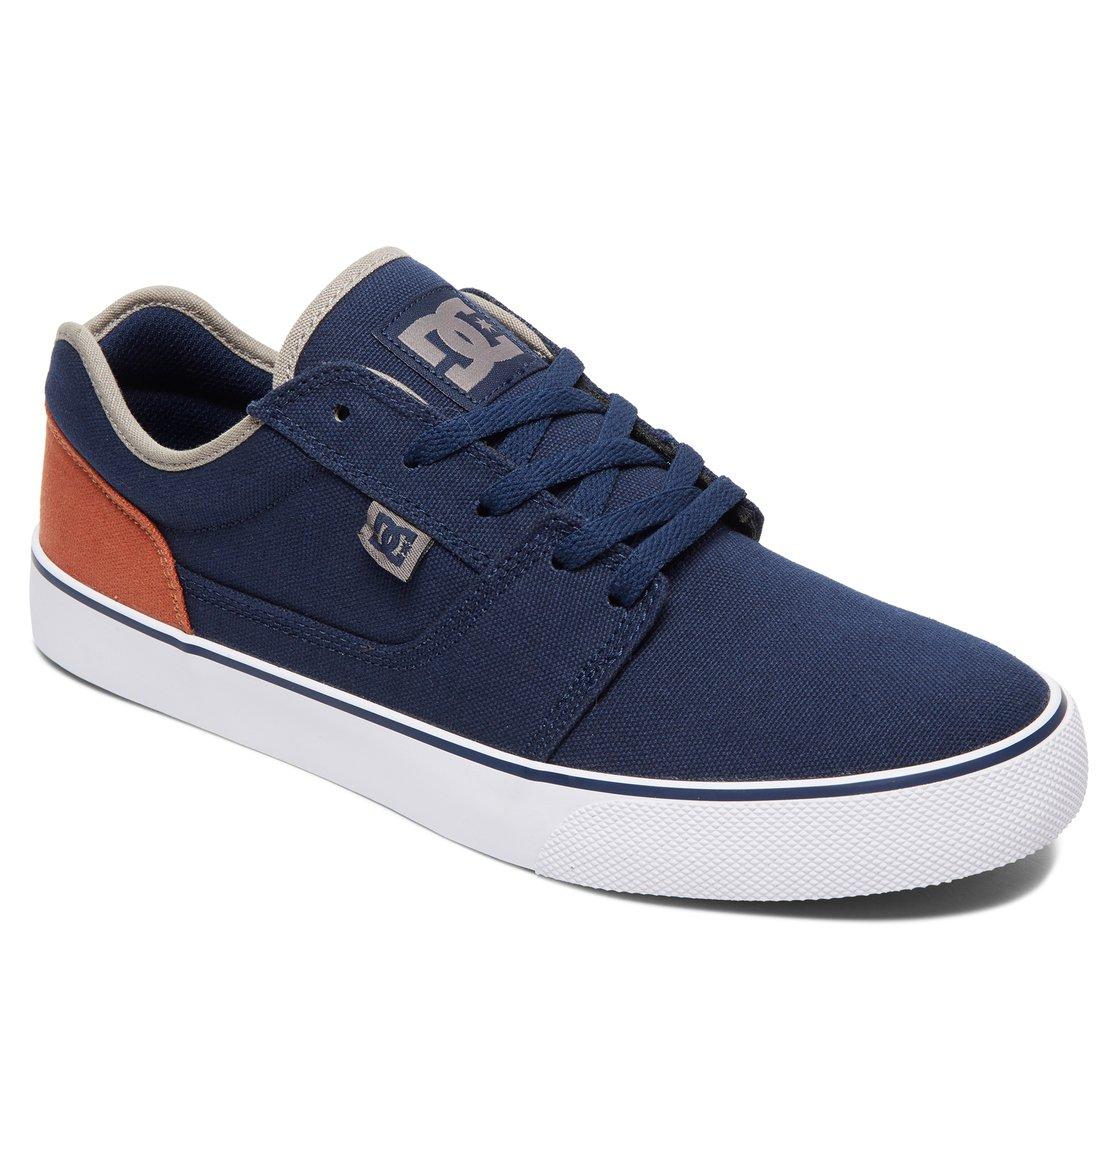 DC Shoes Tonik. Modelo Night Shade